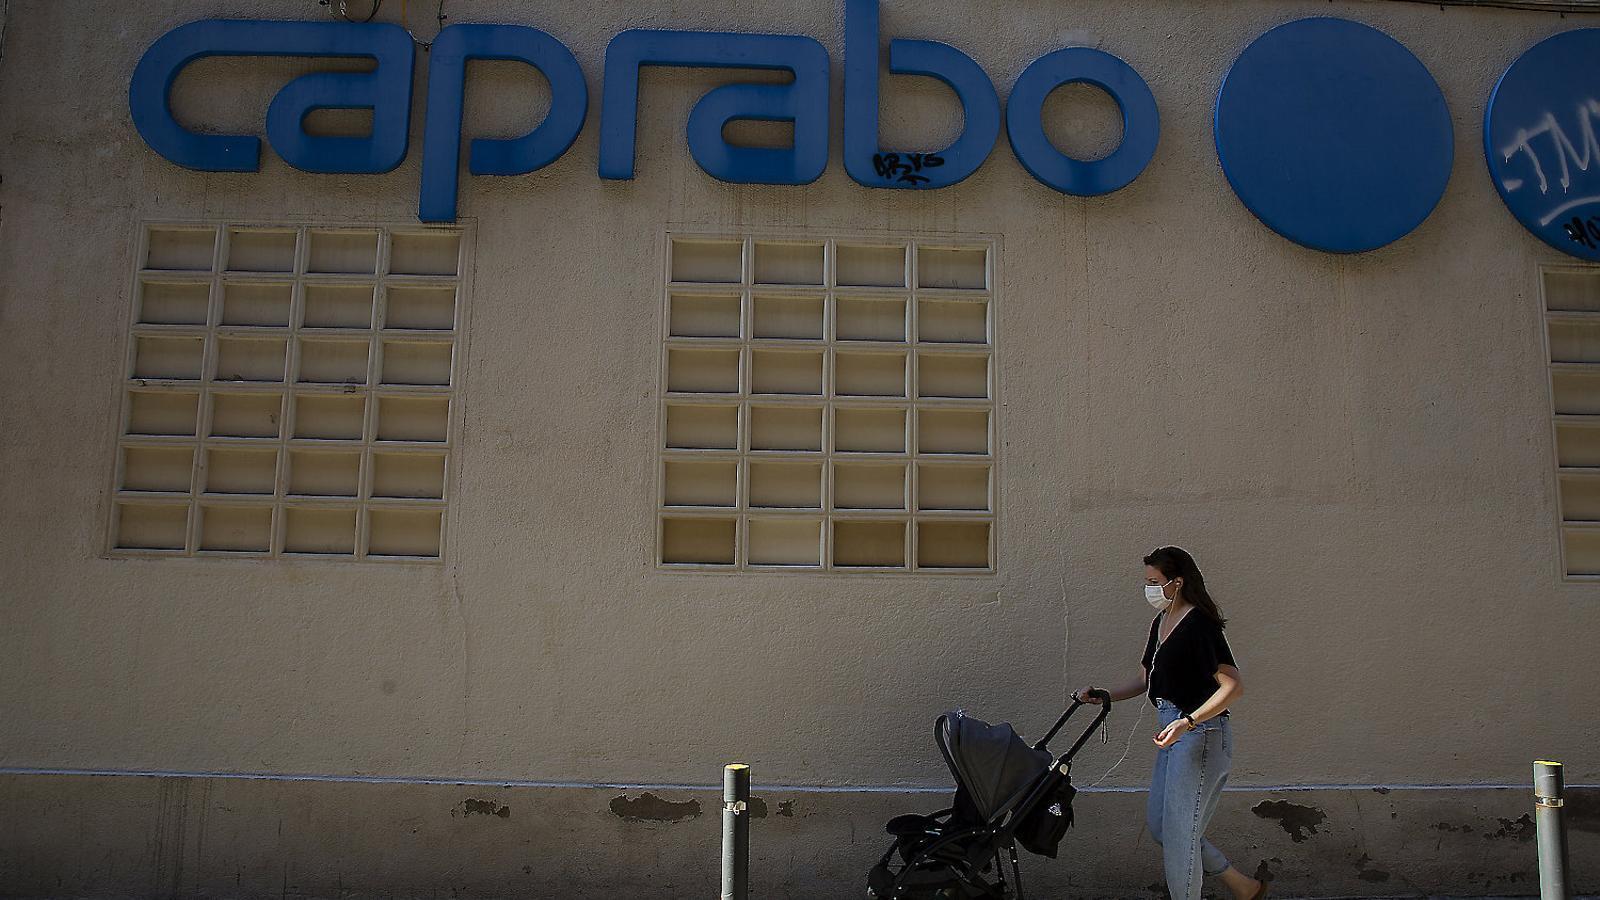 Imatge de la façana del Caprabo del carrer Bellver de Barcelona ahir.